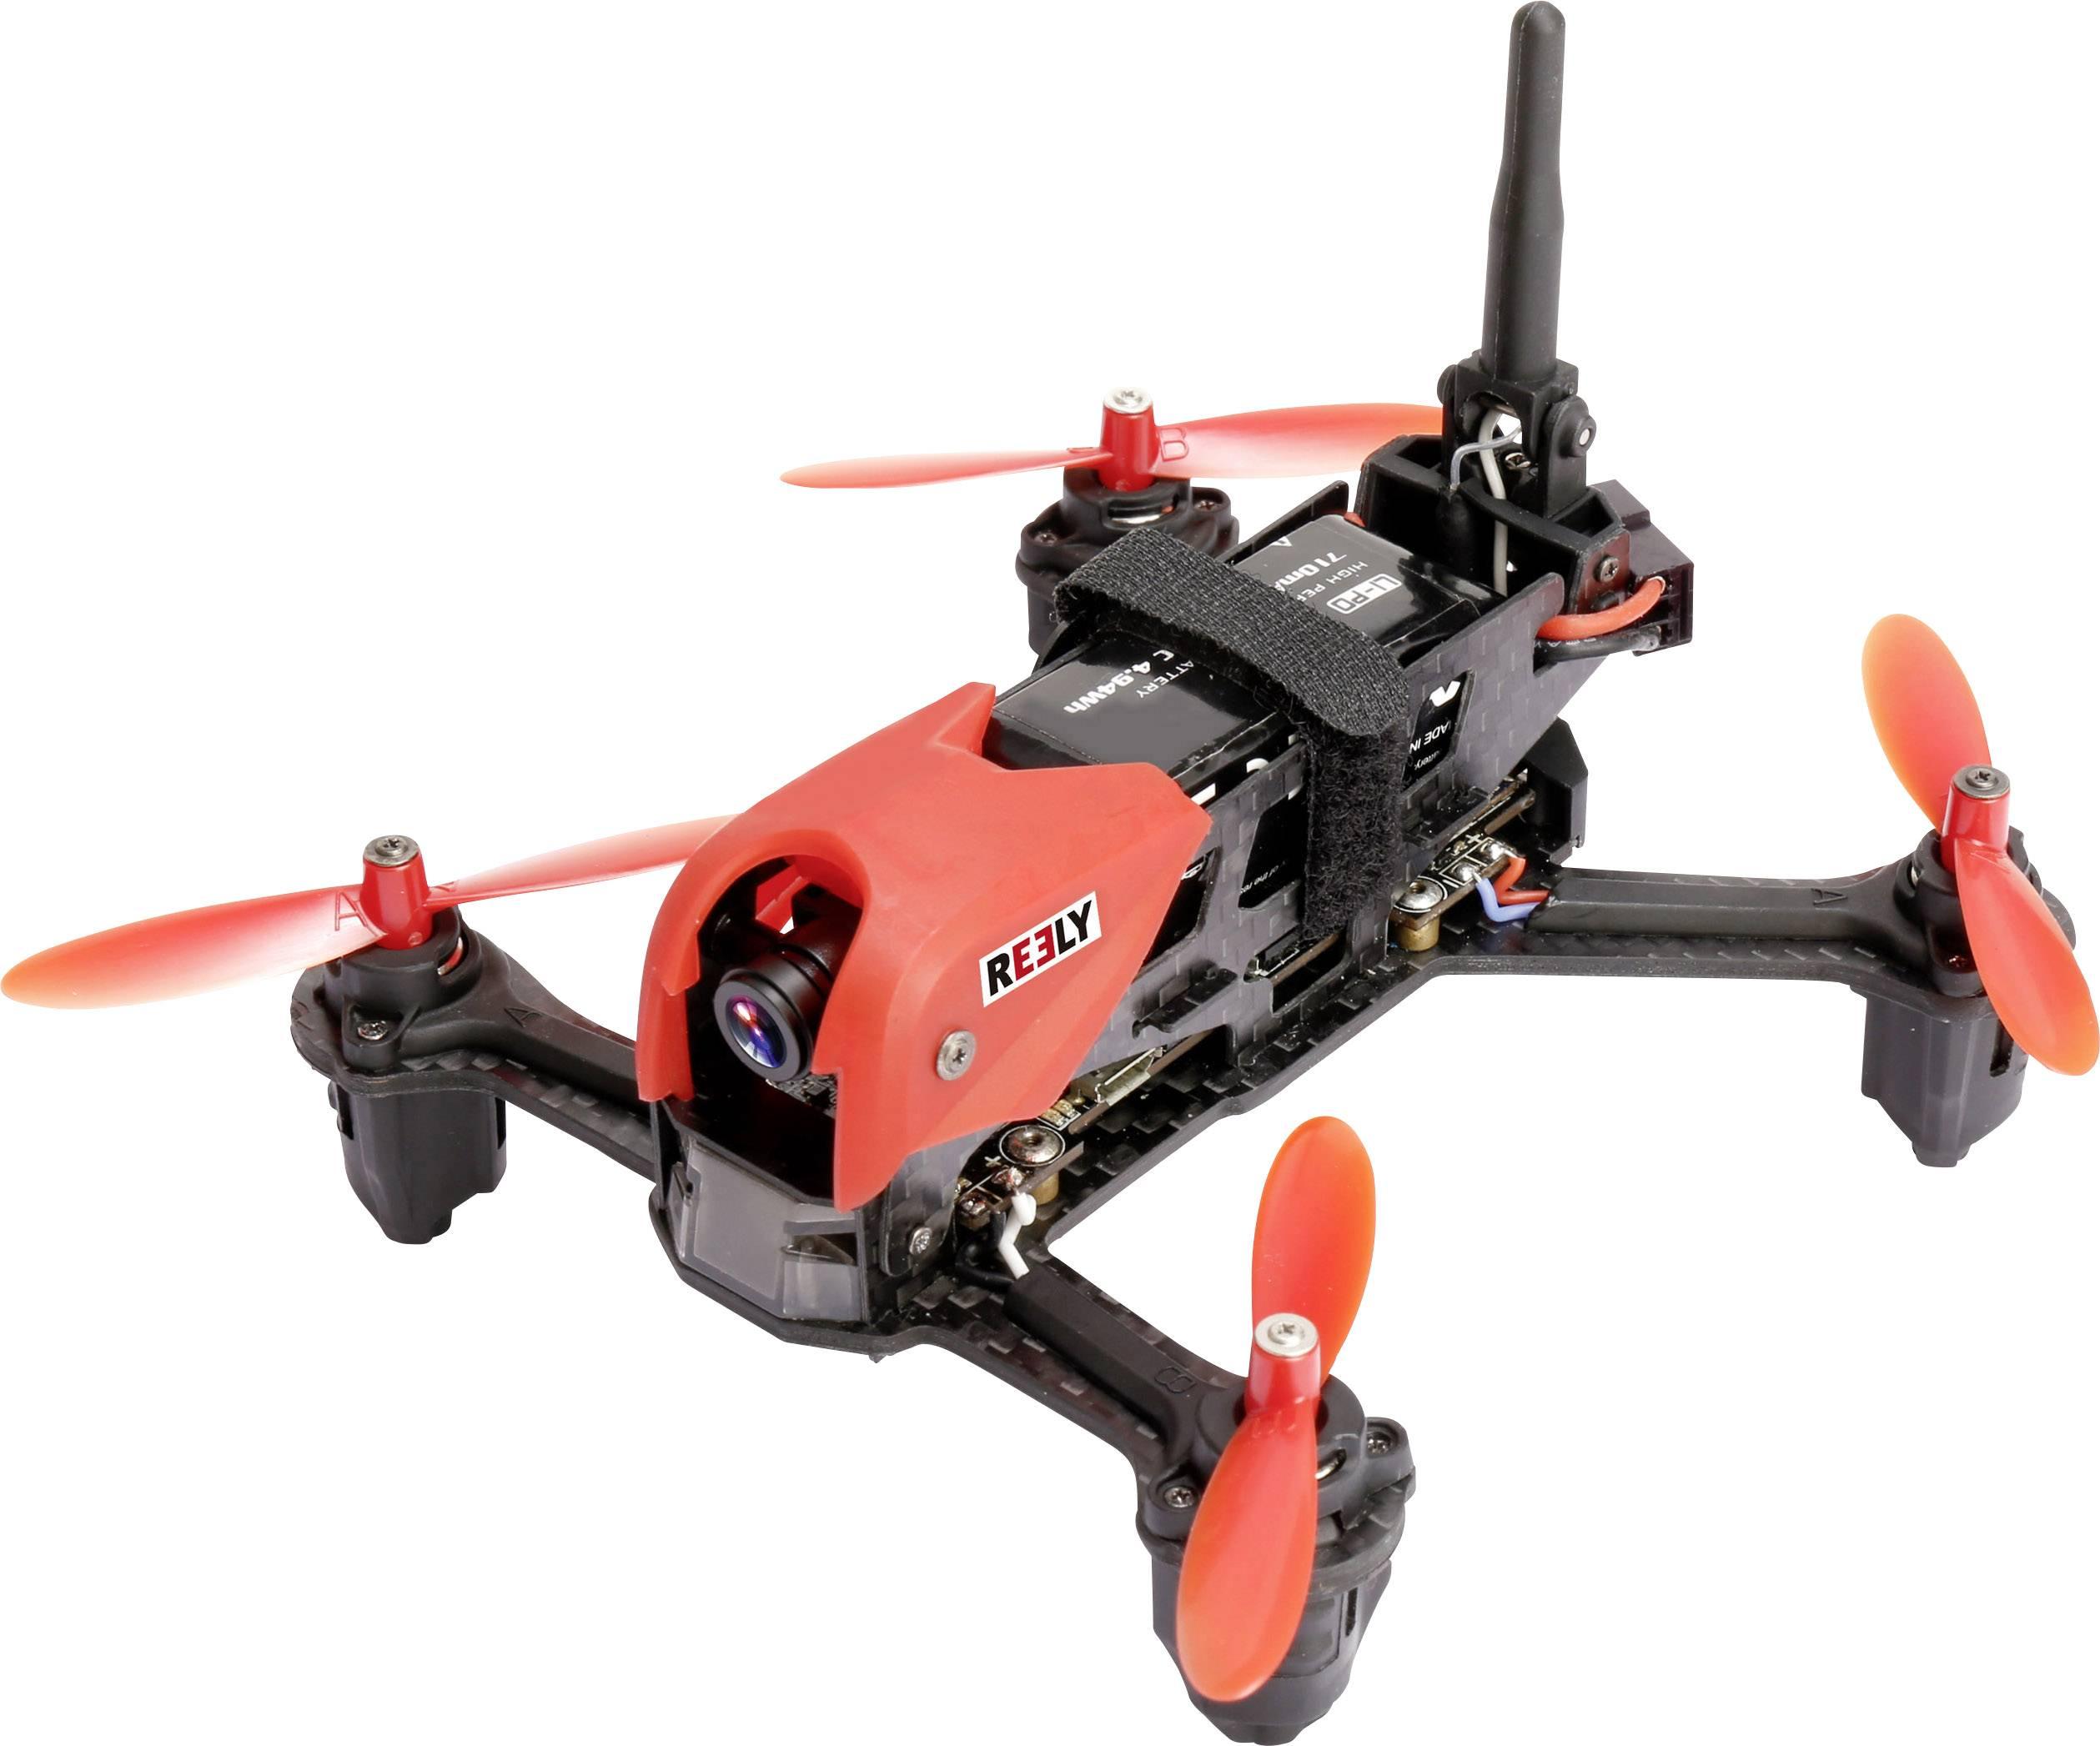 Závodní dron Reely X-190, RtF, FPV Race, pohled z kabiny pilota